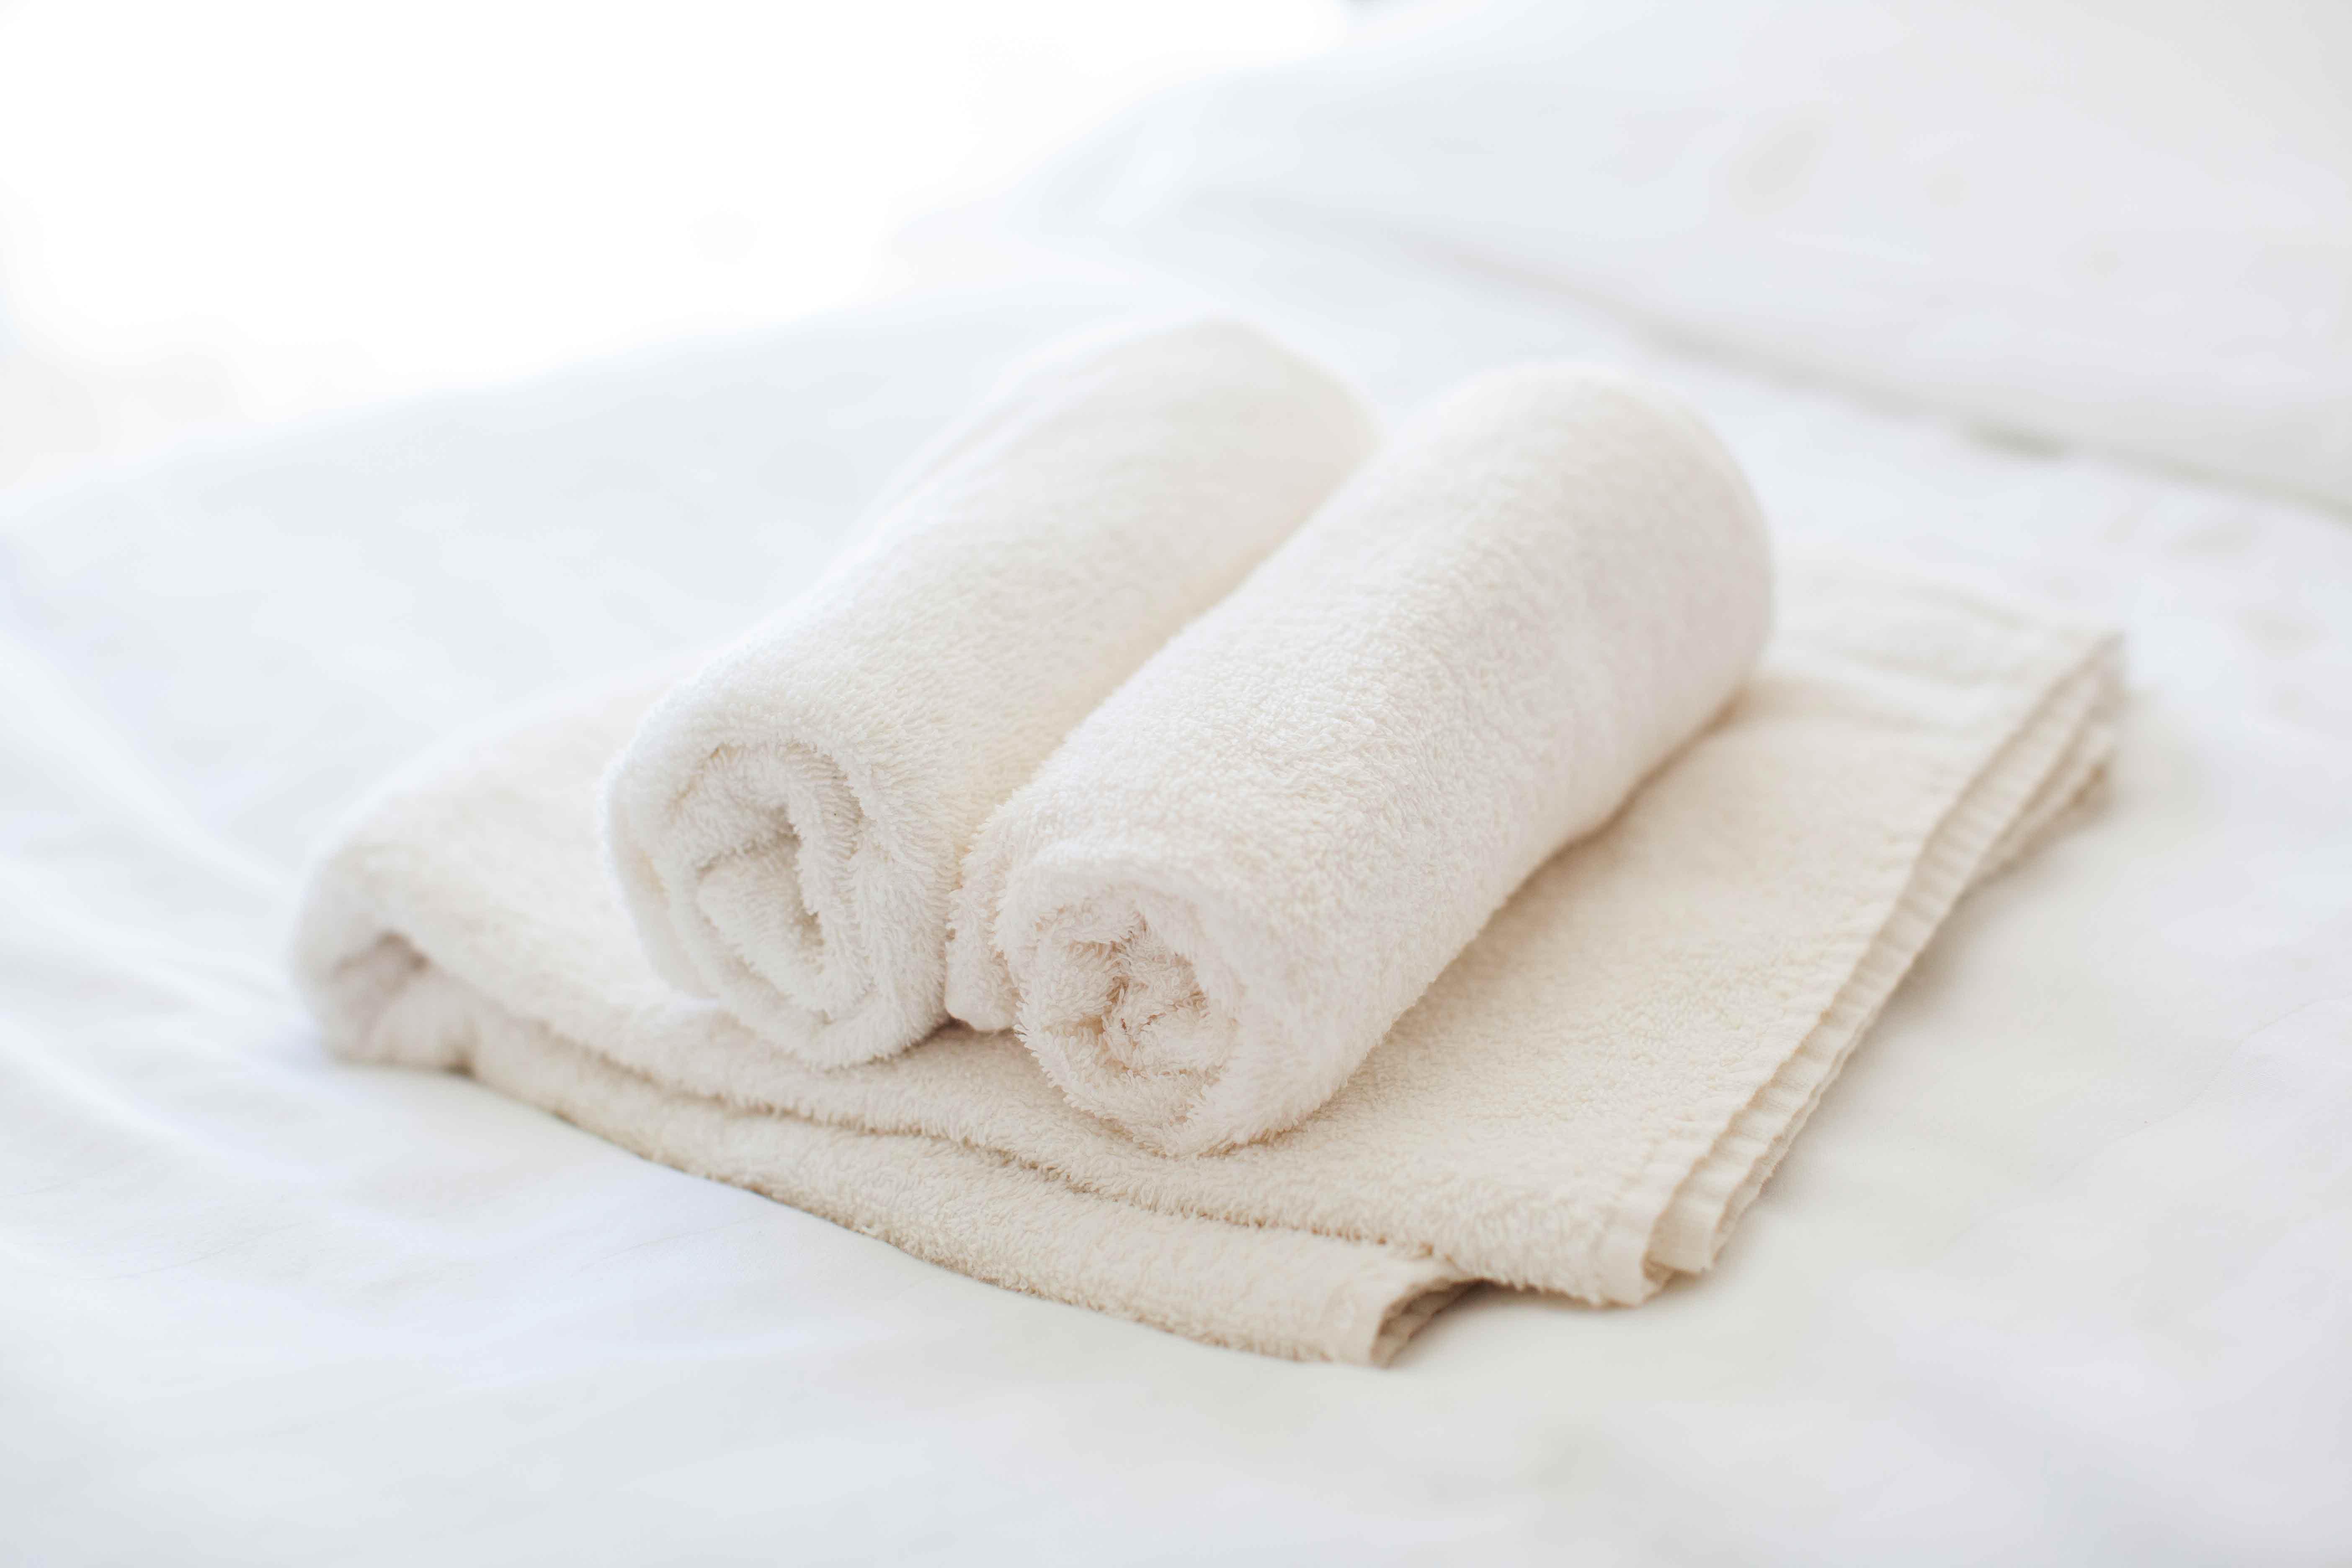 Pyyheitä ja liinavaatteita